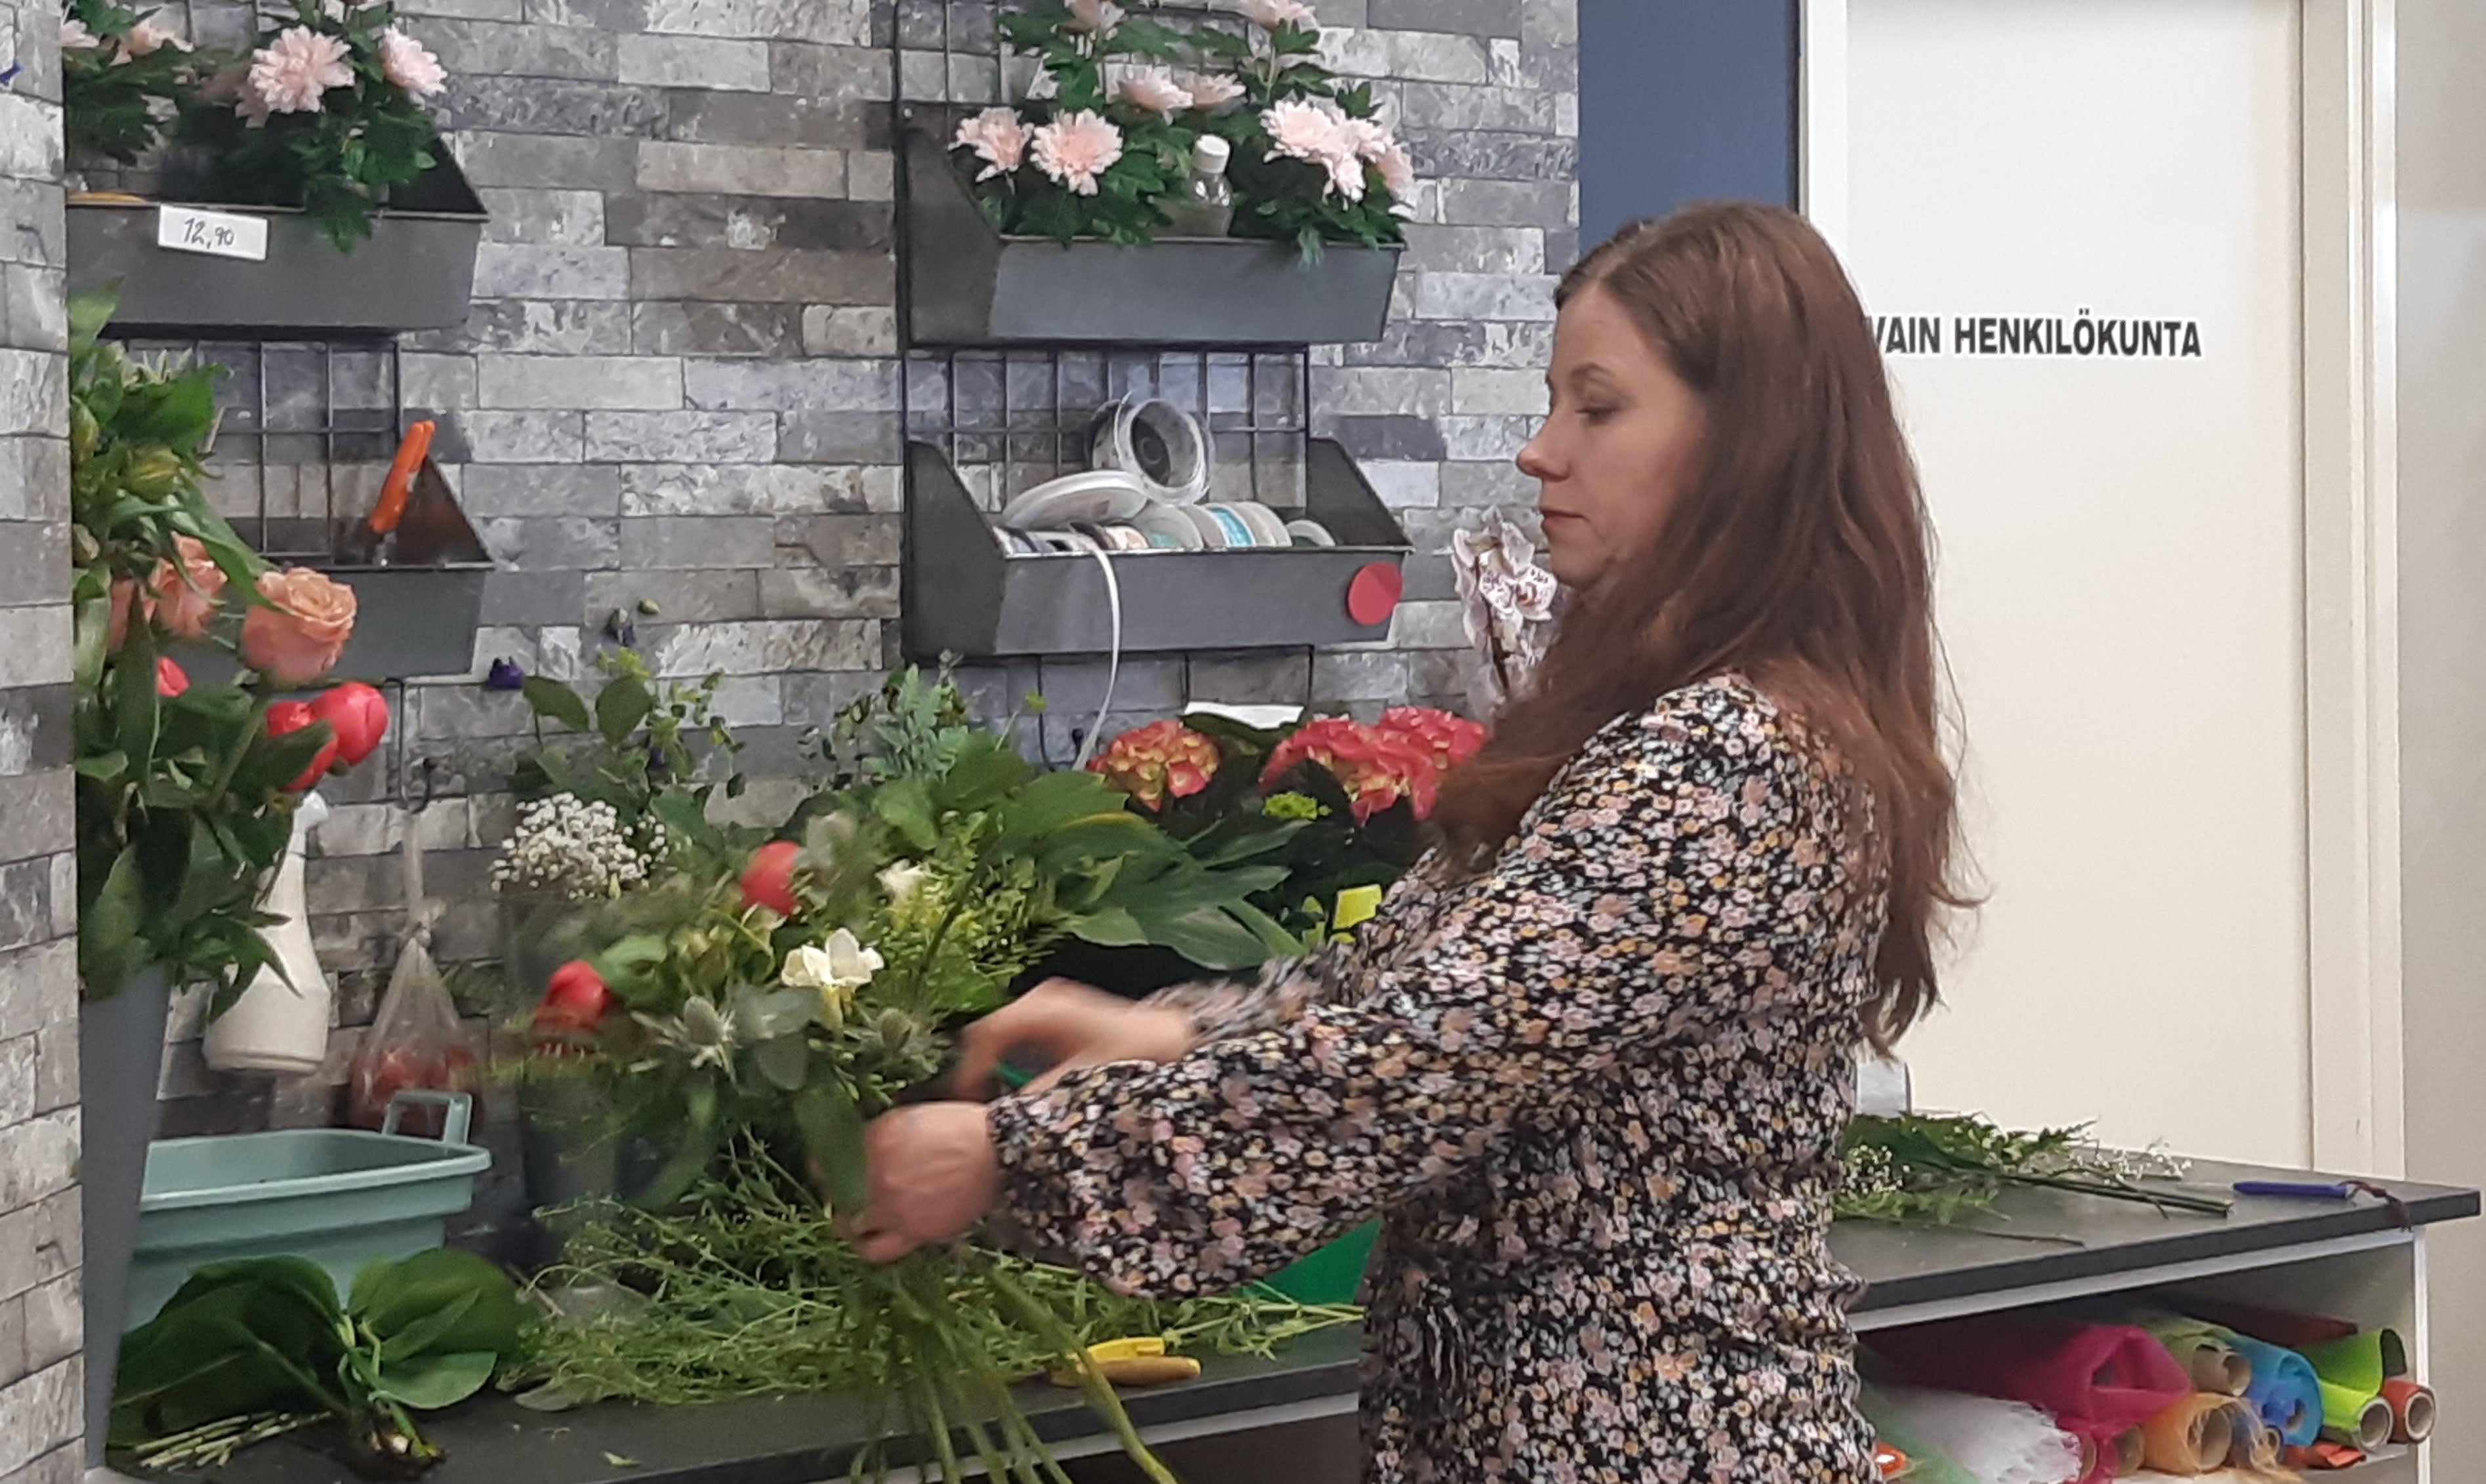 Kemiläisen Linja-Kukan yrittäjä Johanna Åhman sitoo kukkakimppua.